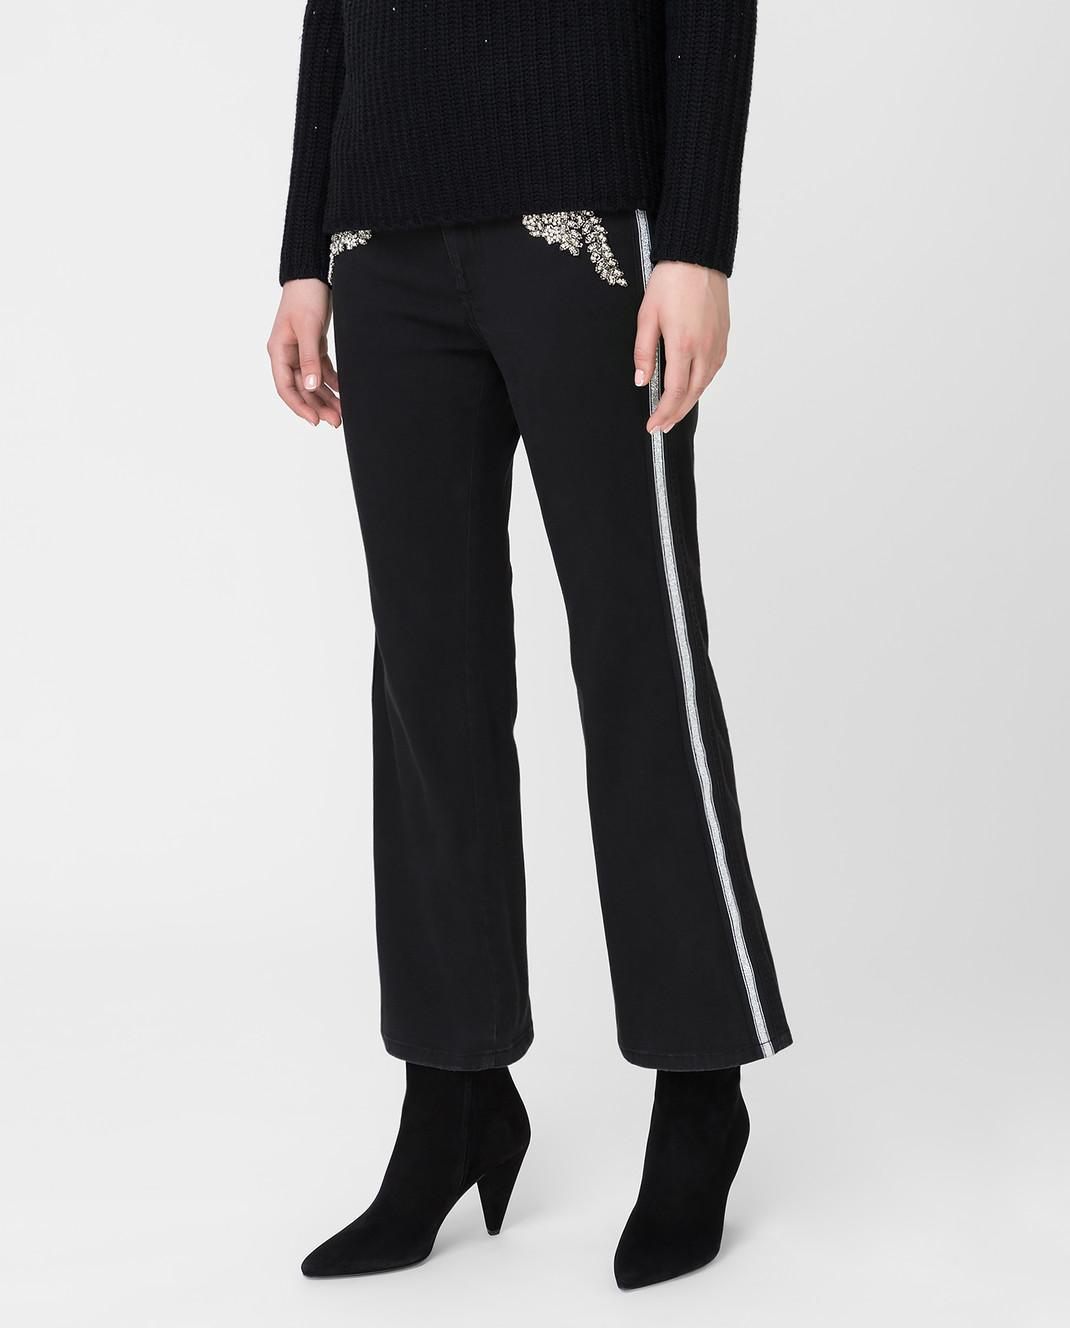 Ermanno Черные джинсы JL10 изображение 3